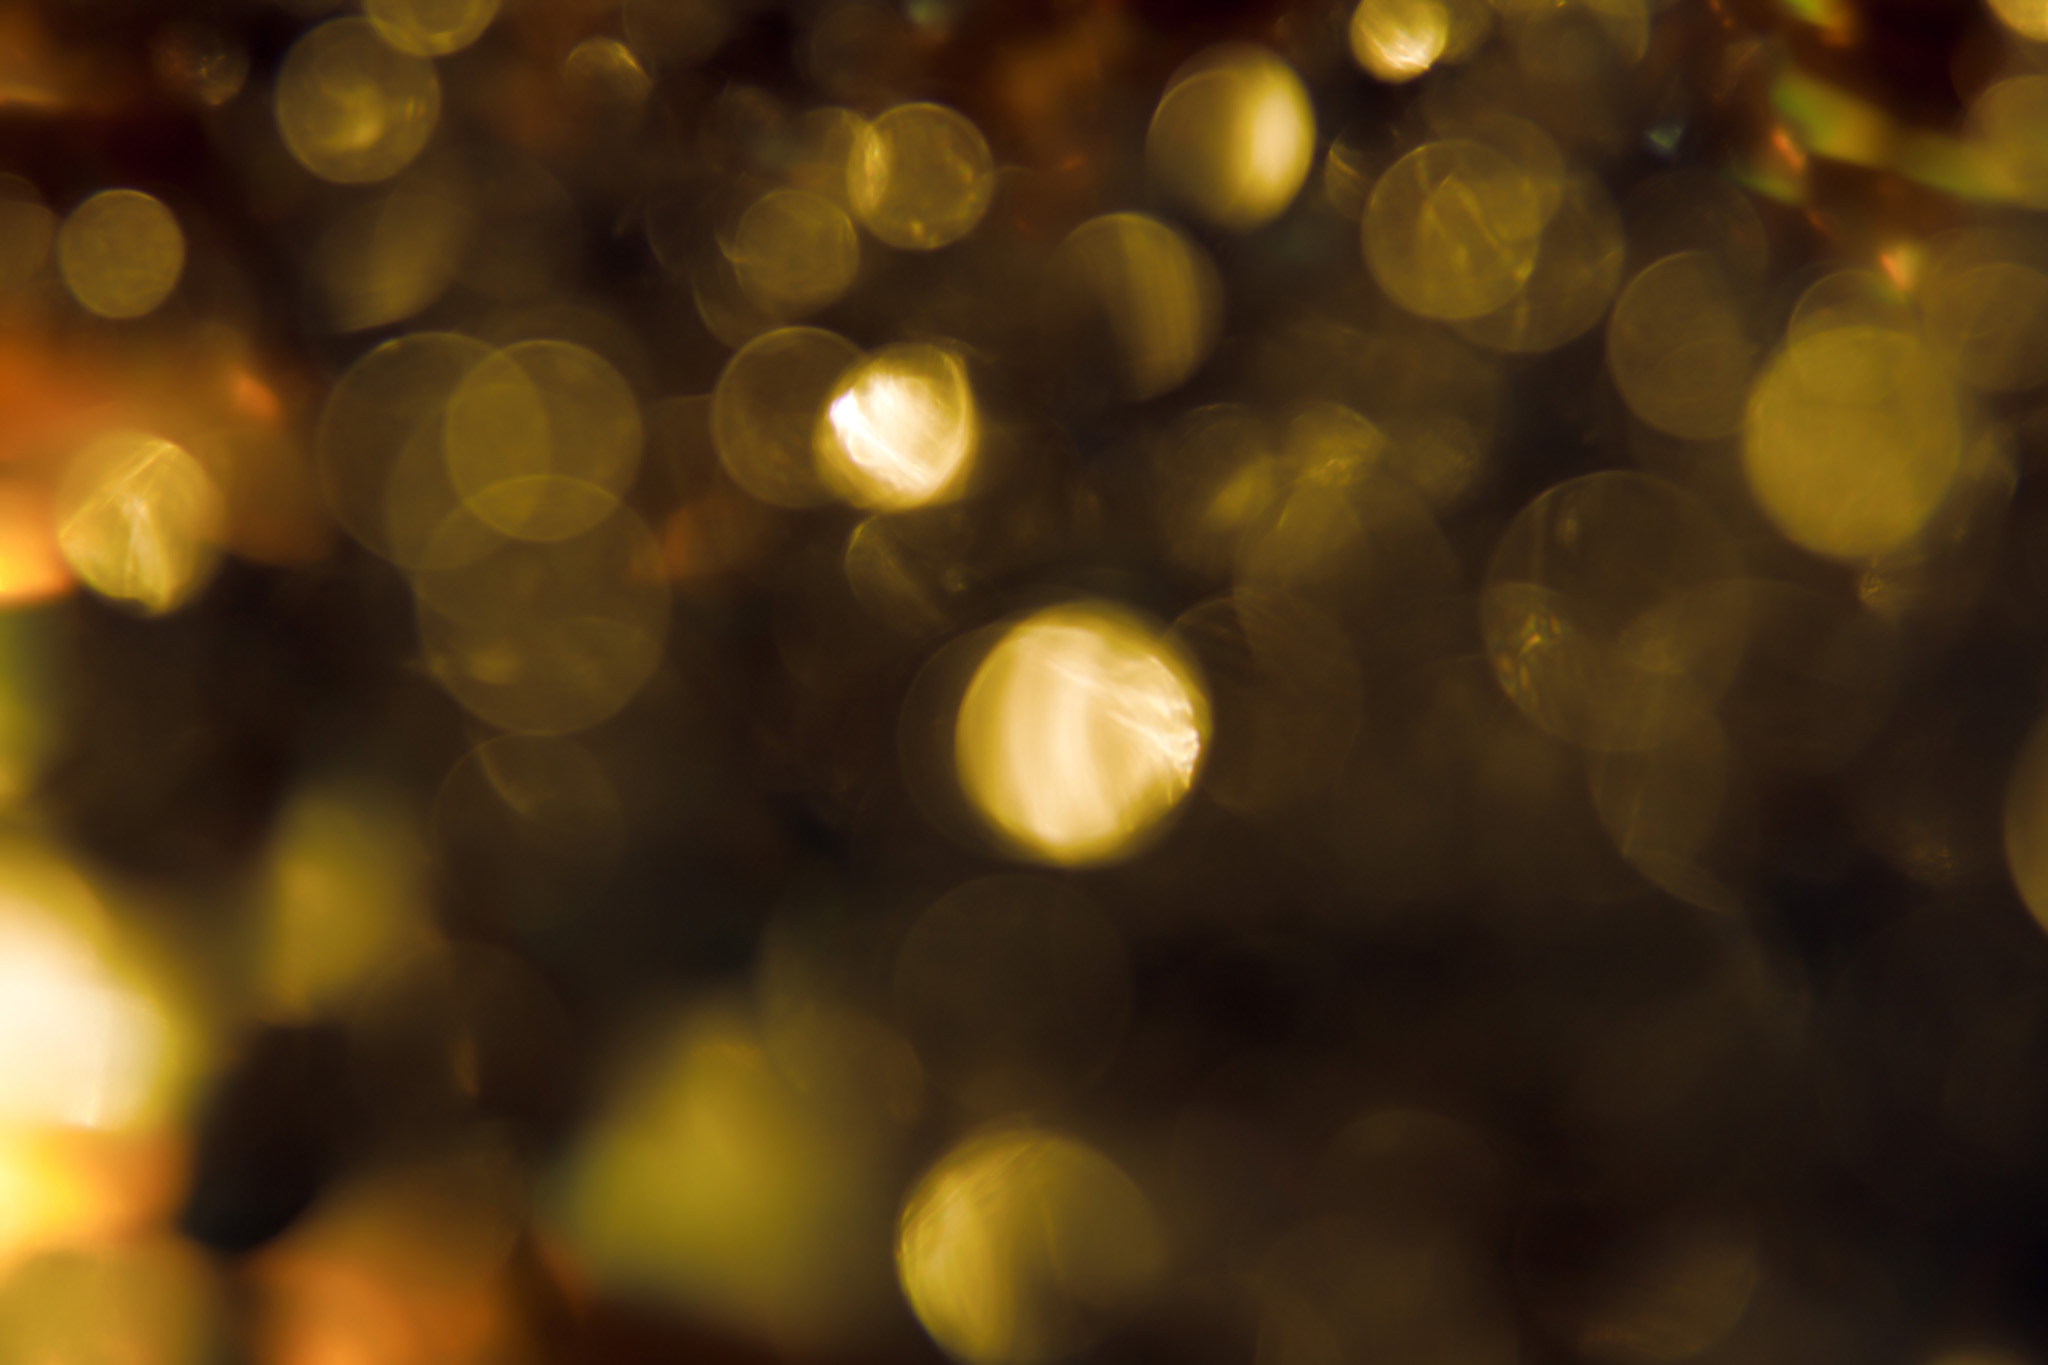 ゴールドの光のボケ